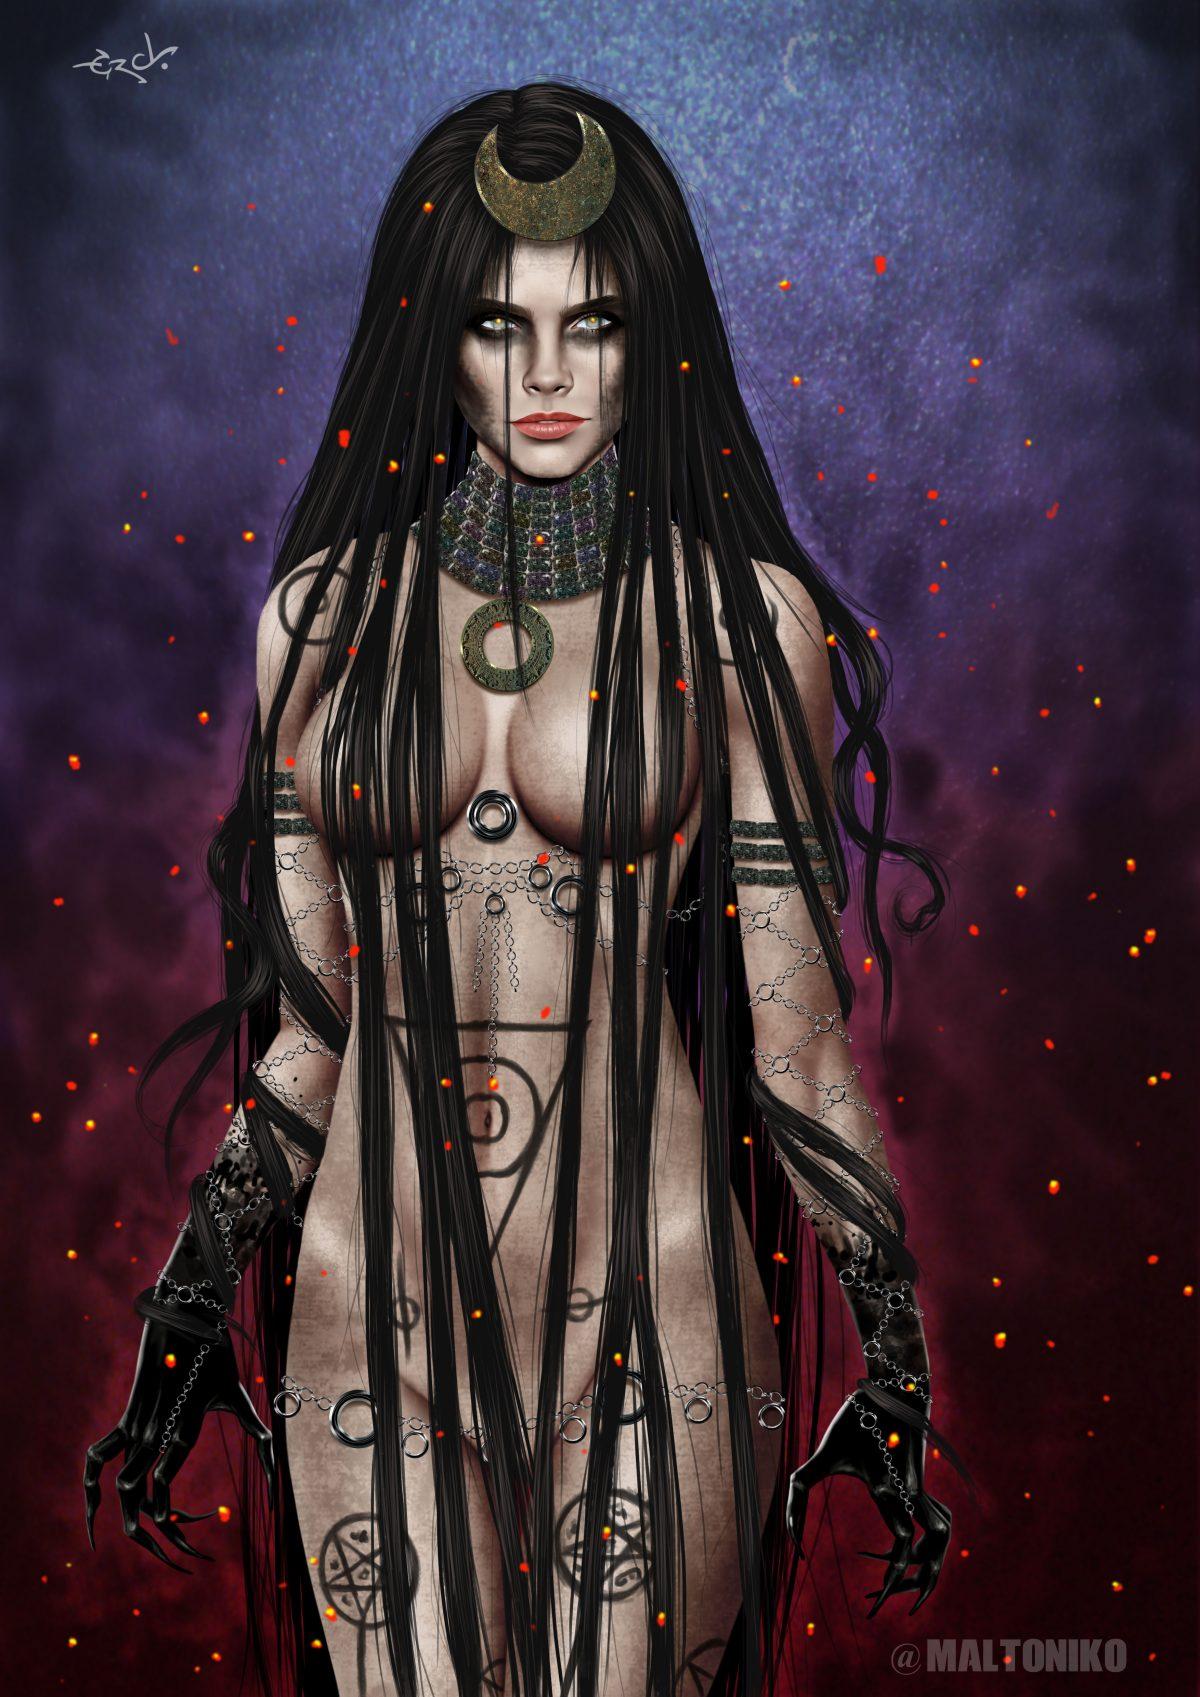 Enchantress by #Maltoniko